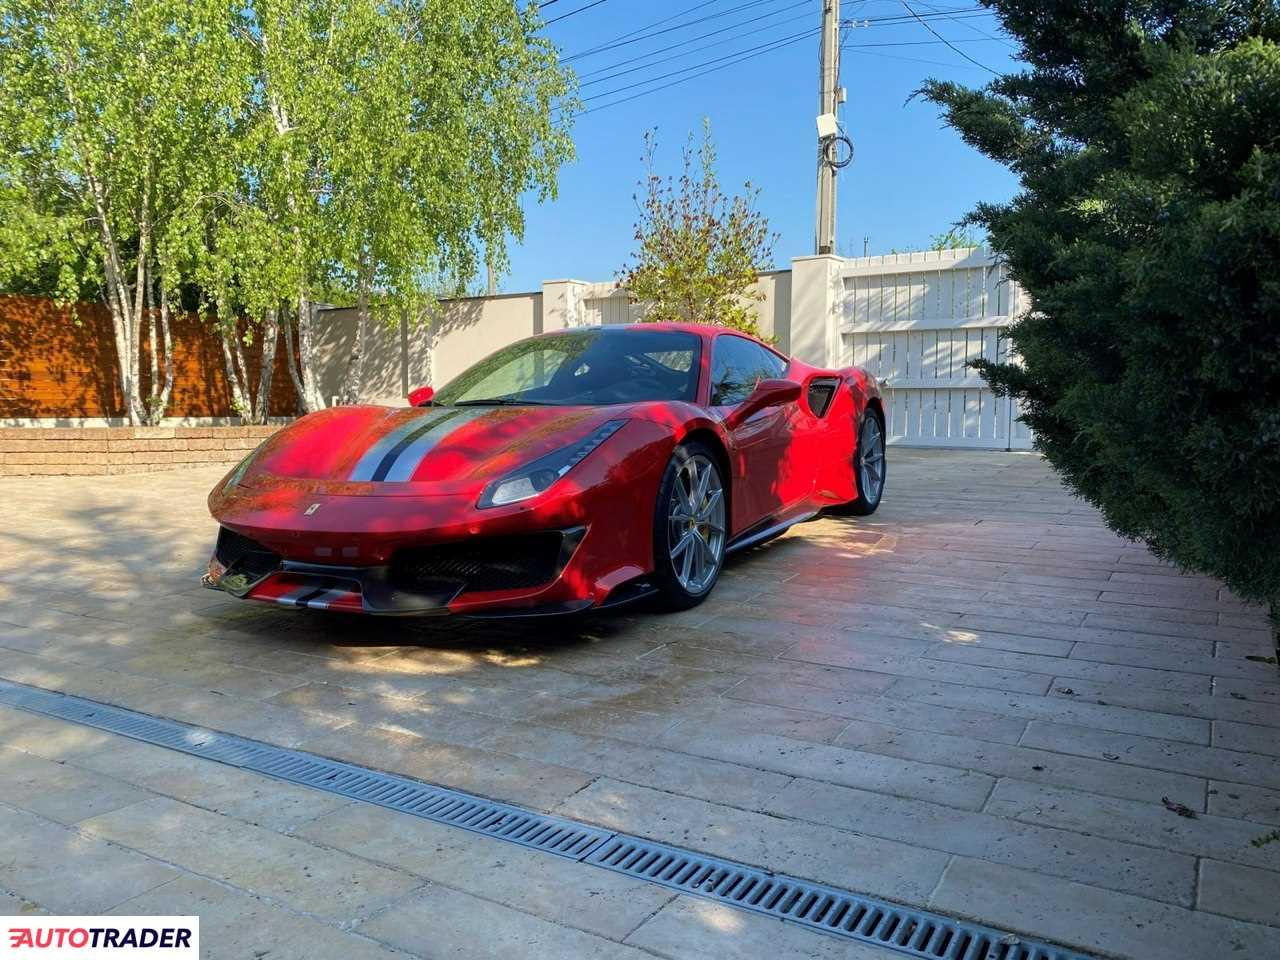 Ferrari Pozostałe 2020 3.9 669 KM